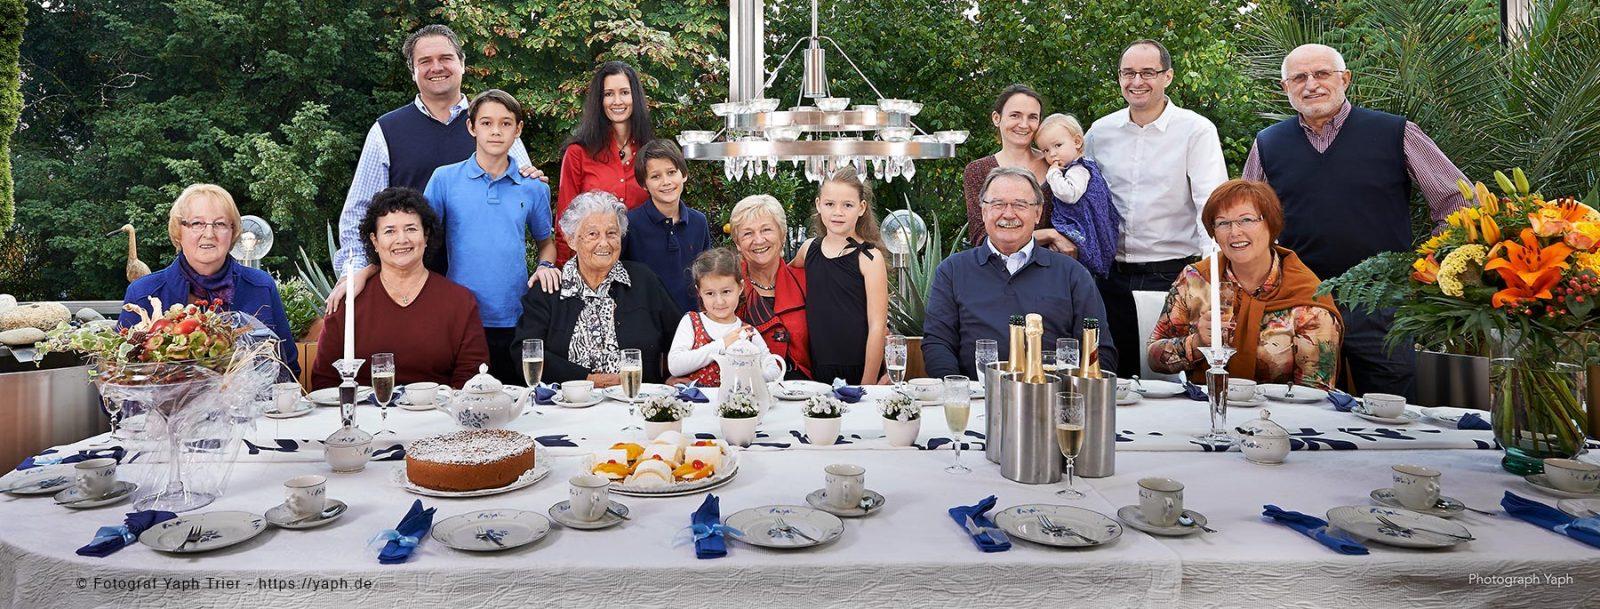 Familienfotos im Garten während der Familienfeier bei Fotograf Trier Yaph